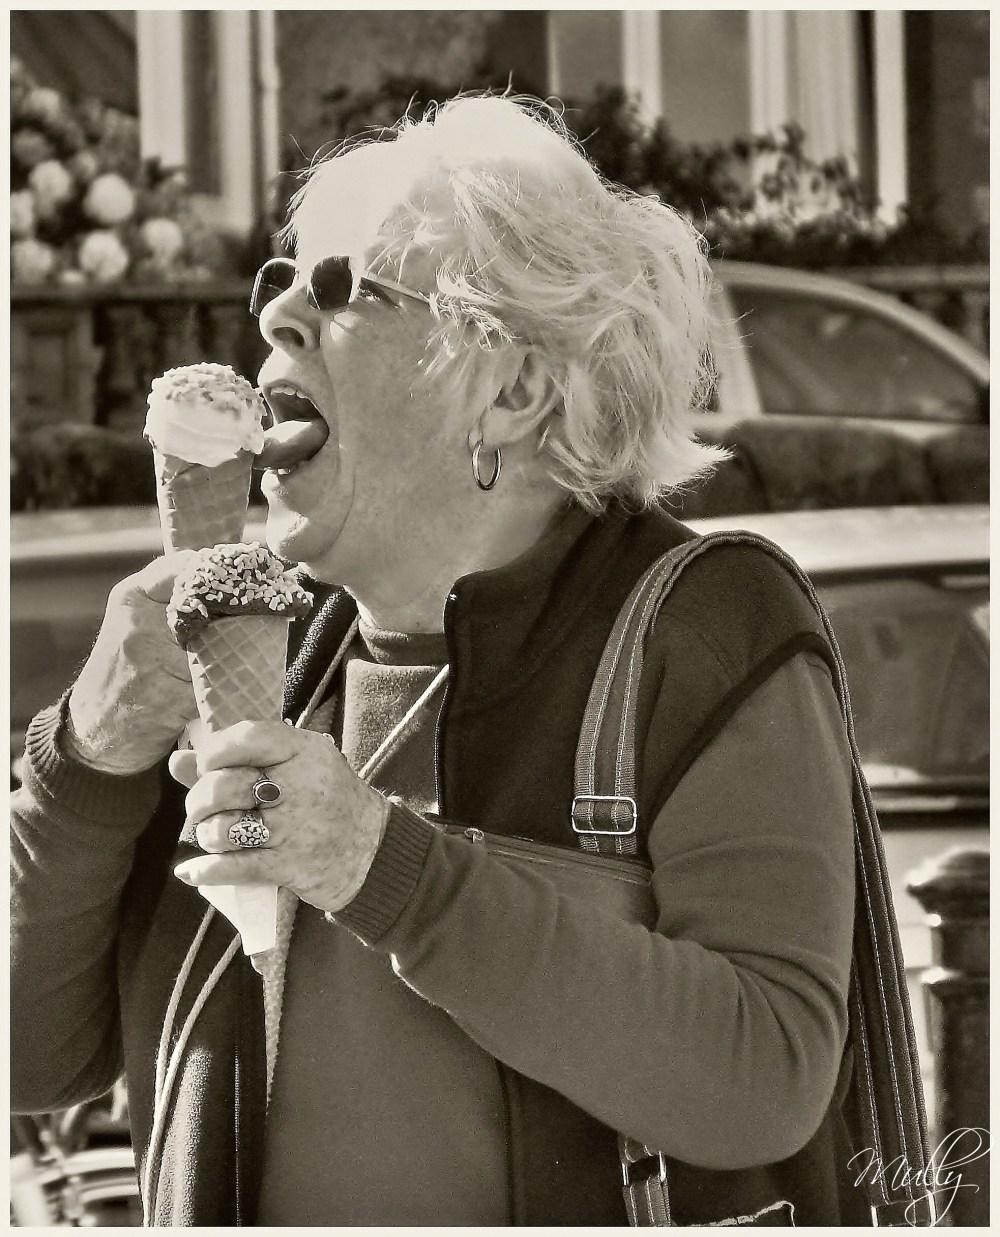 icecream people